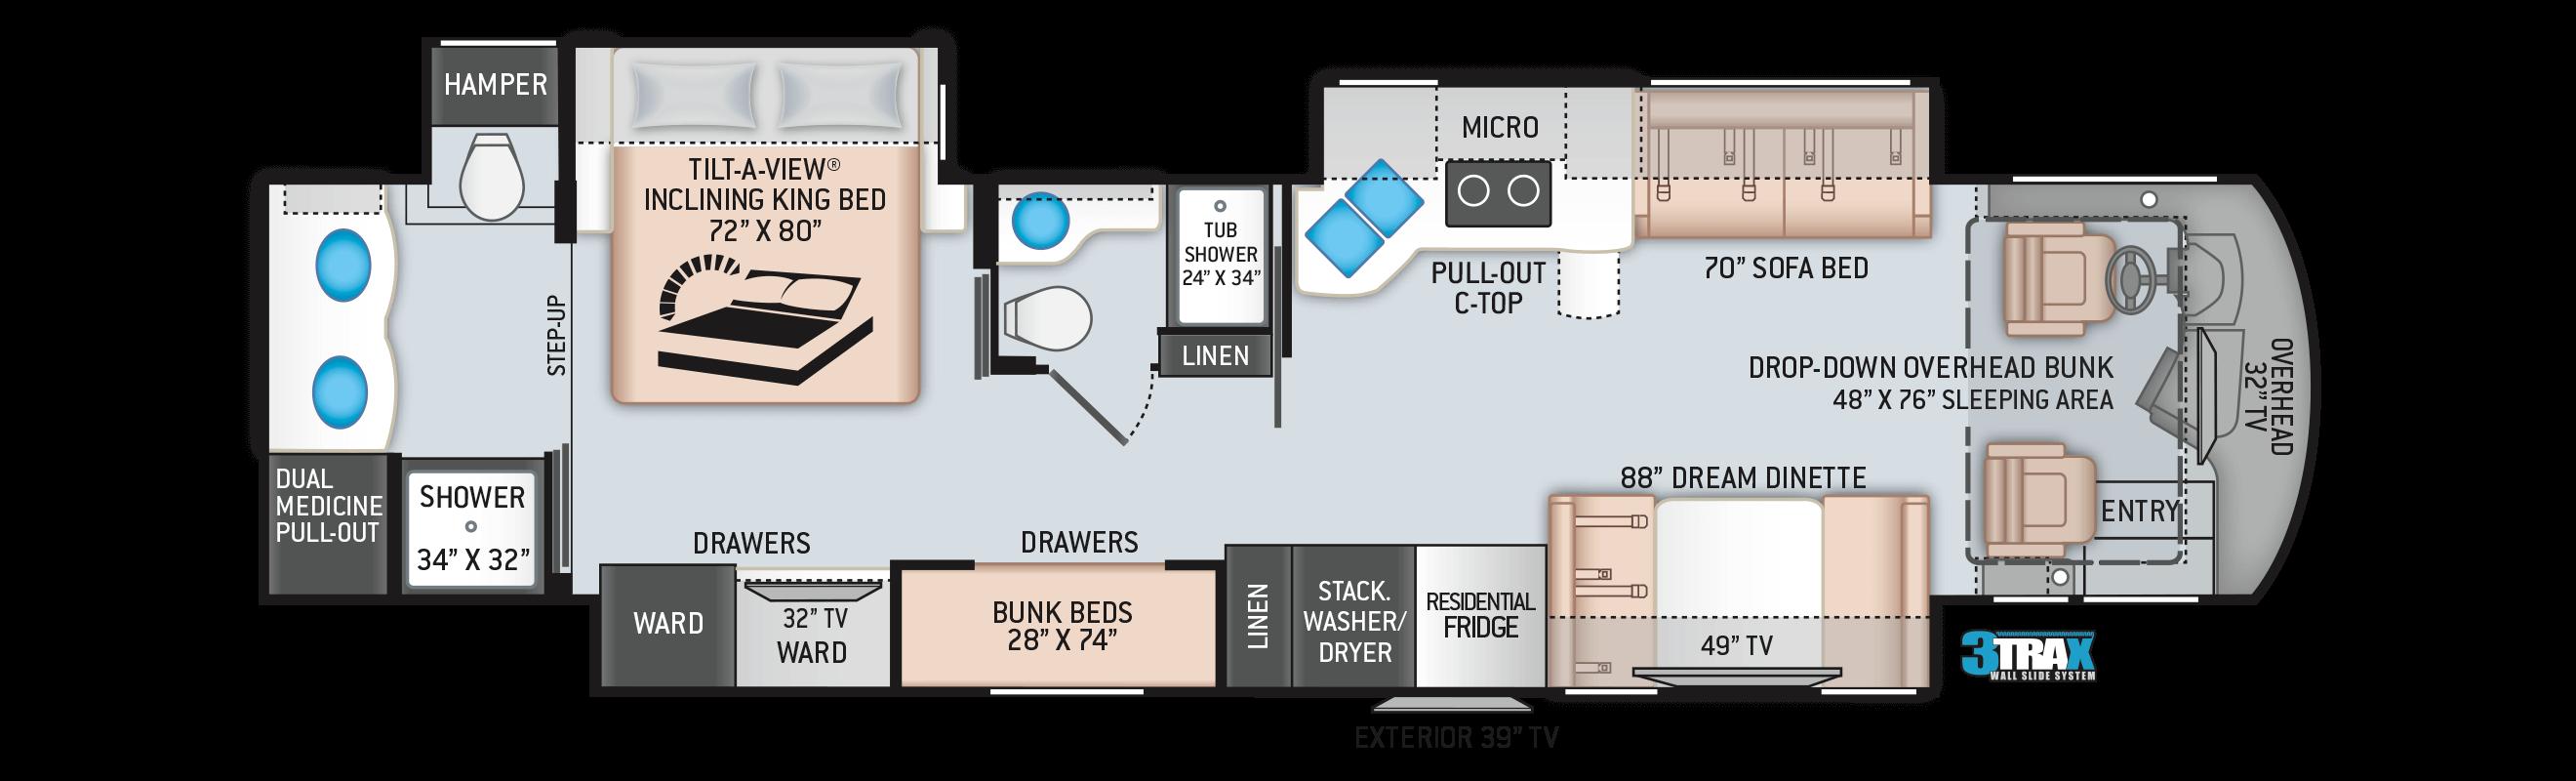 2020 Aria 4000 Floor Plan